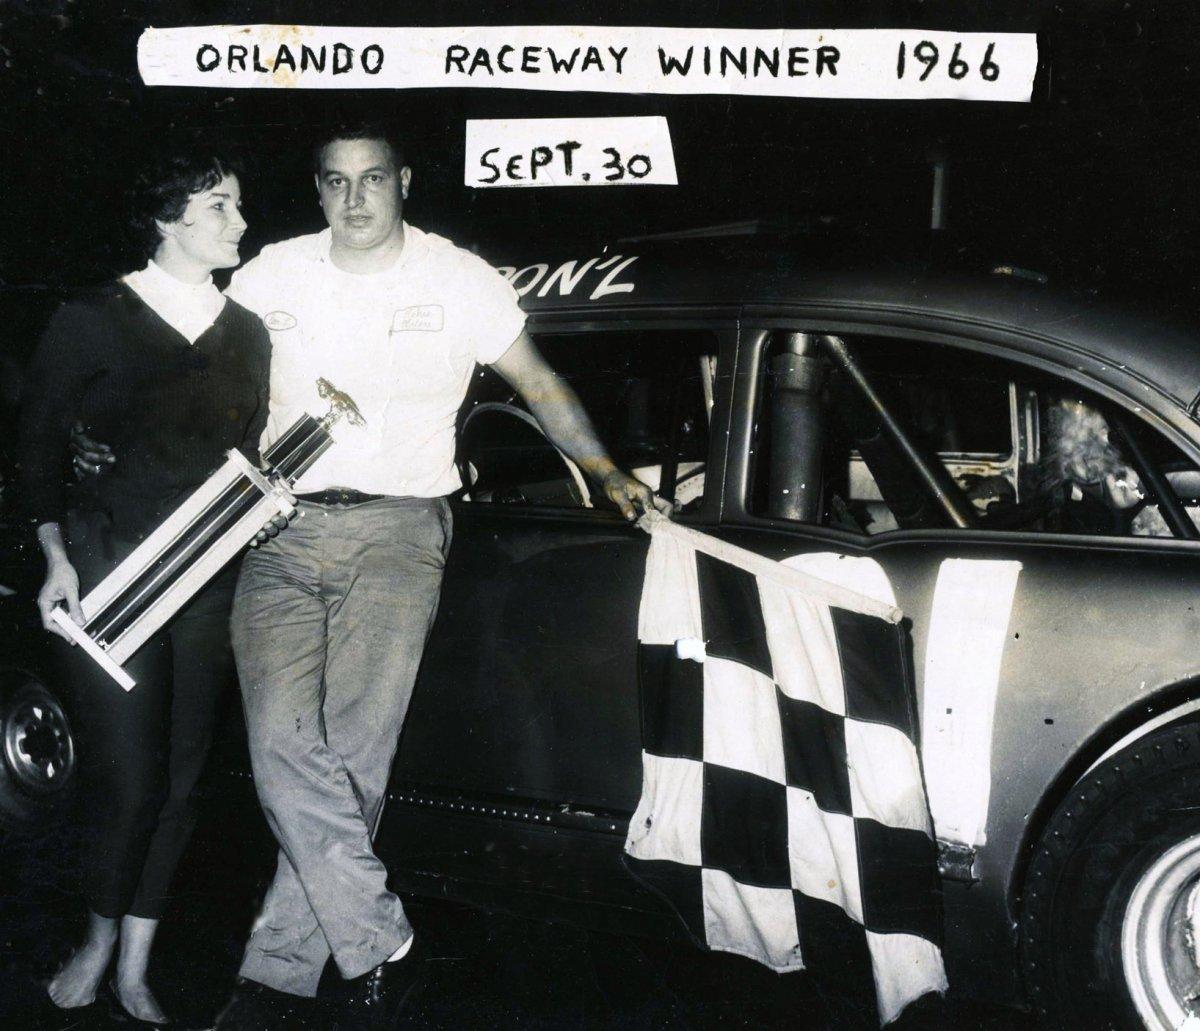 1966-win-for-Don_l-BurkhalterTU.jpg